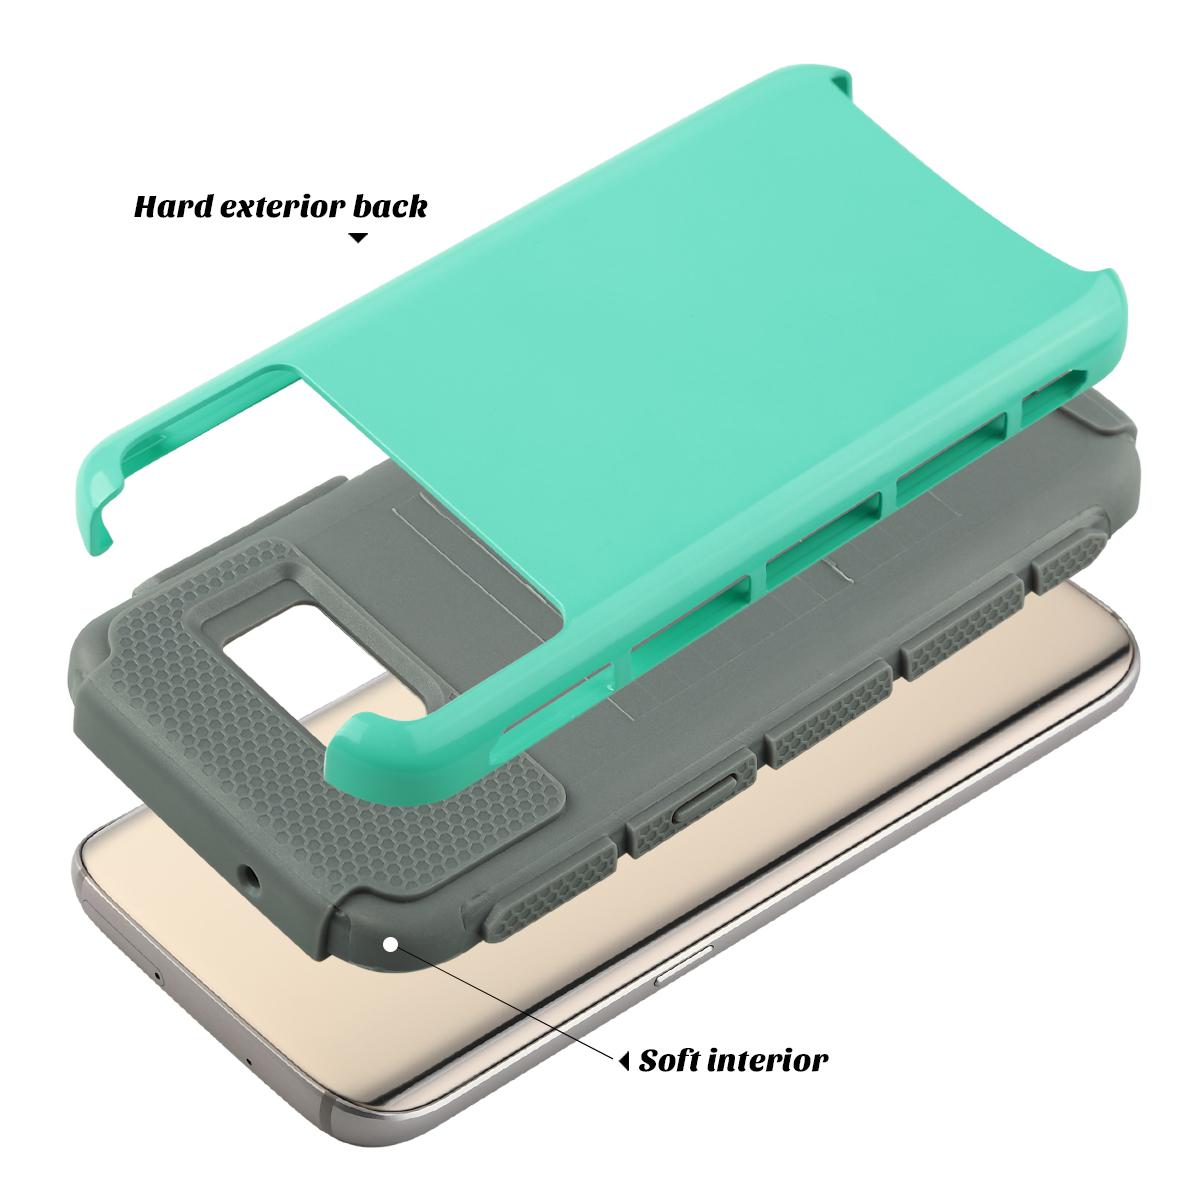 shockproof hybrid rubber protective cover case for samsung. Black Bedroom Furniture Sets. Home Design Ideas